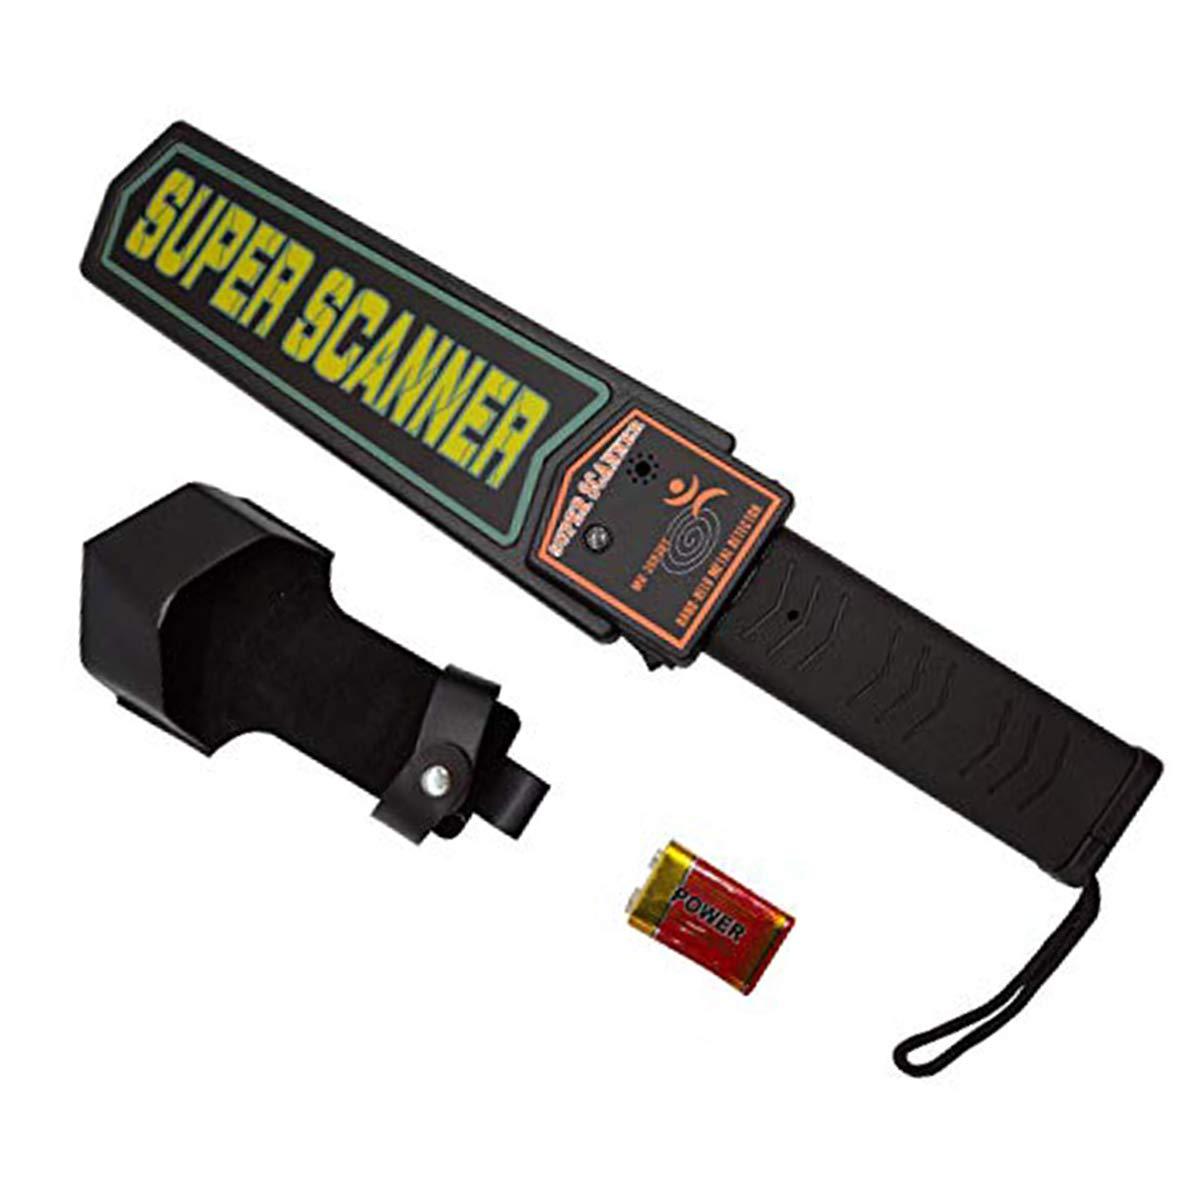 YEESON Pinpointer Metal Detector, Water Resistant Metal Detectors